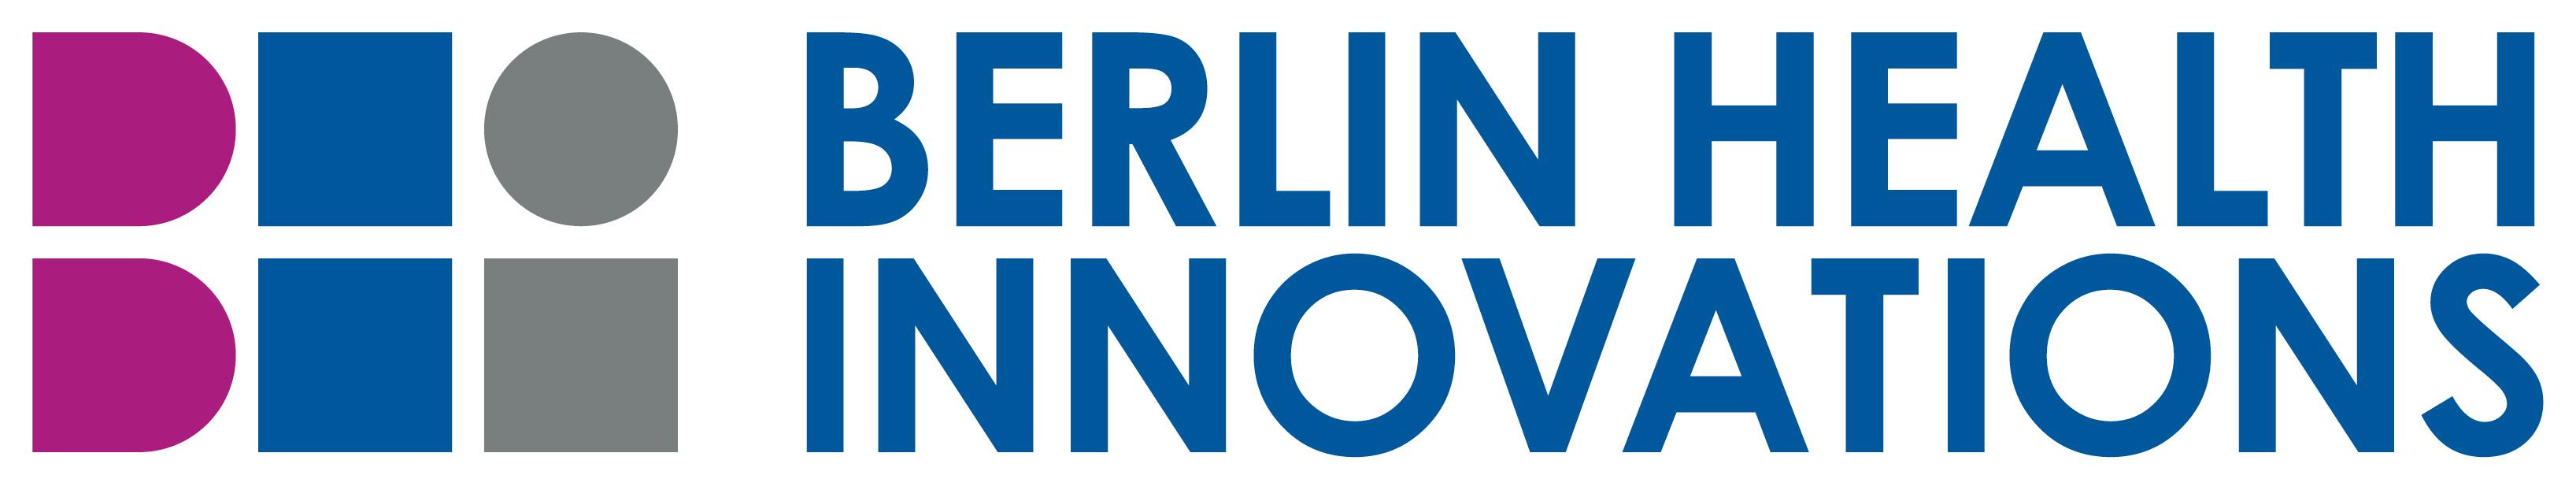 Berlin Health Innovations